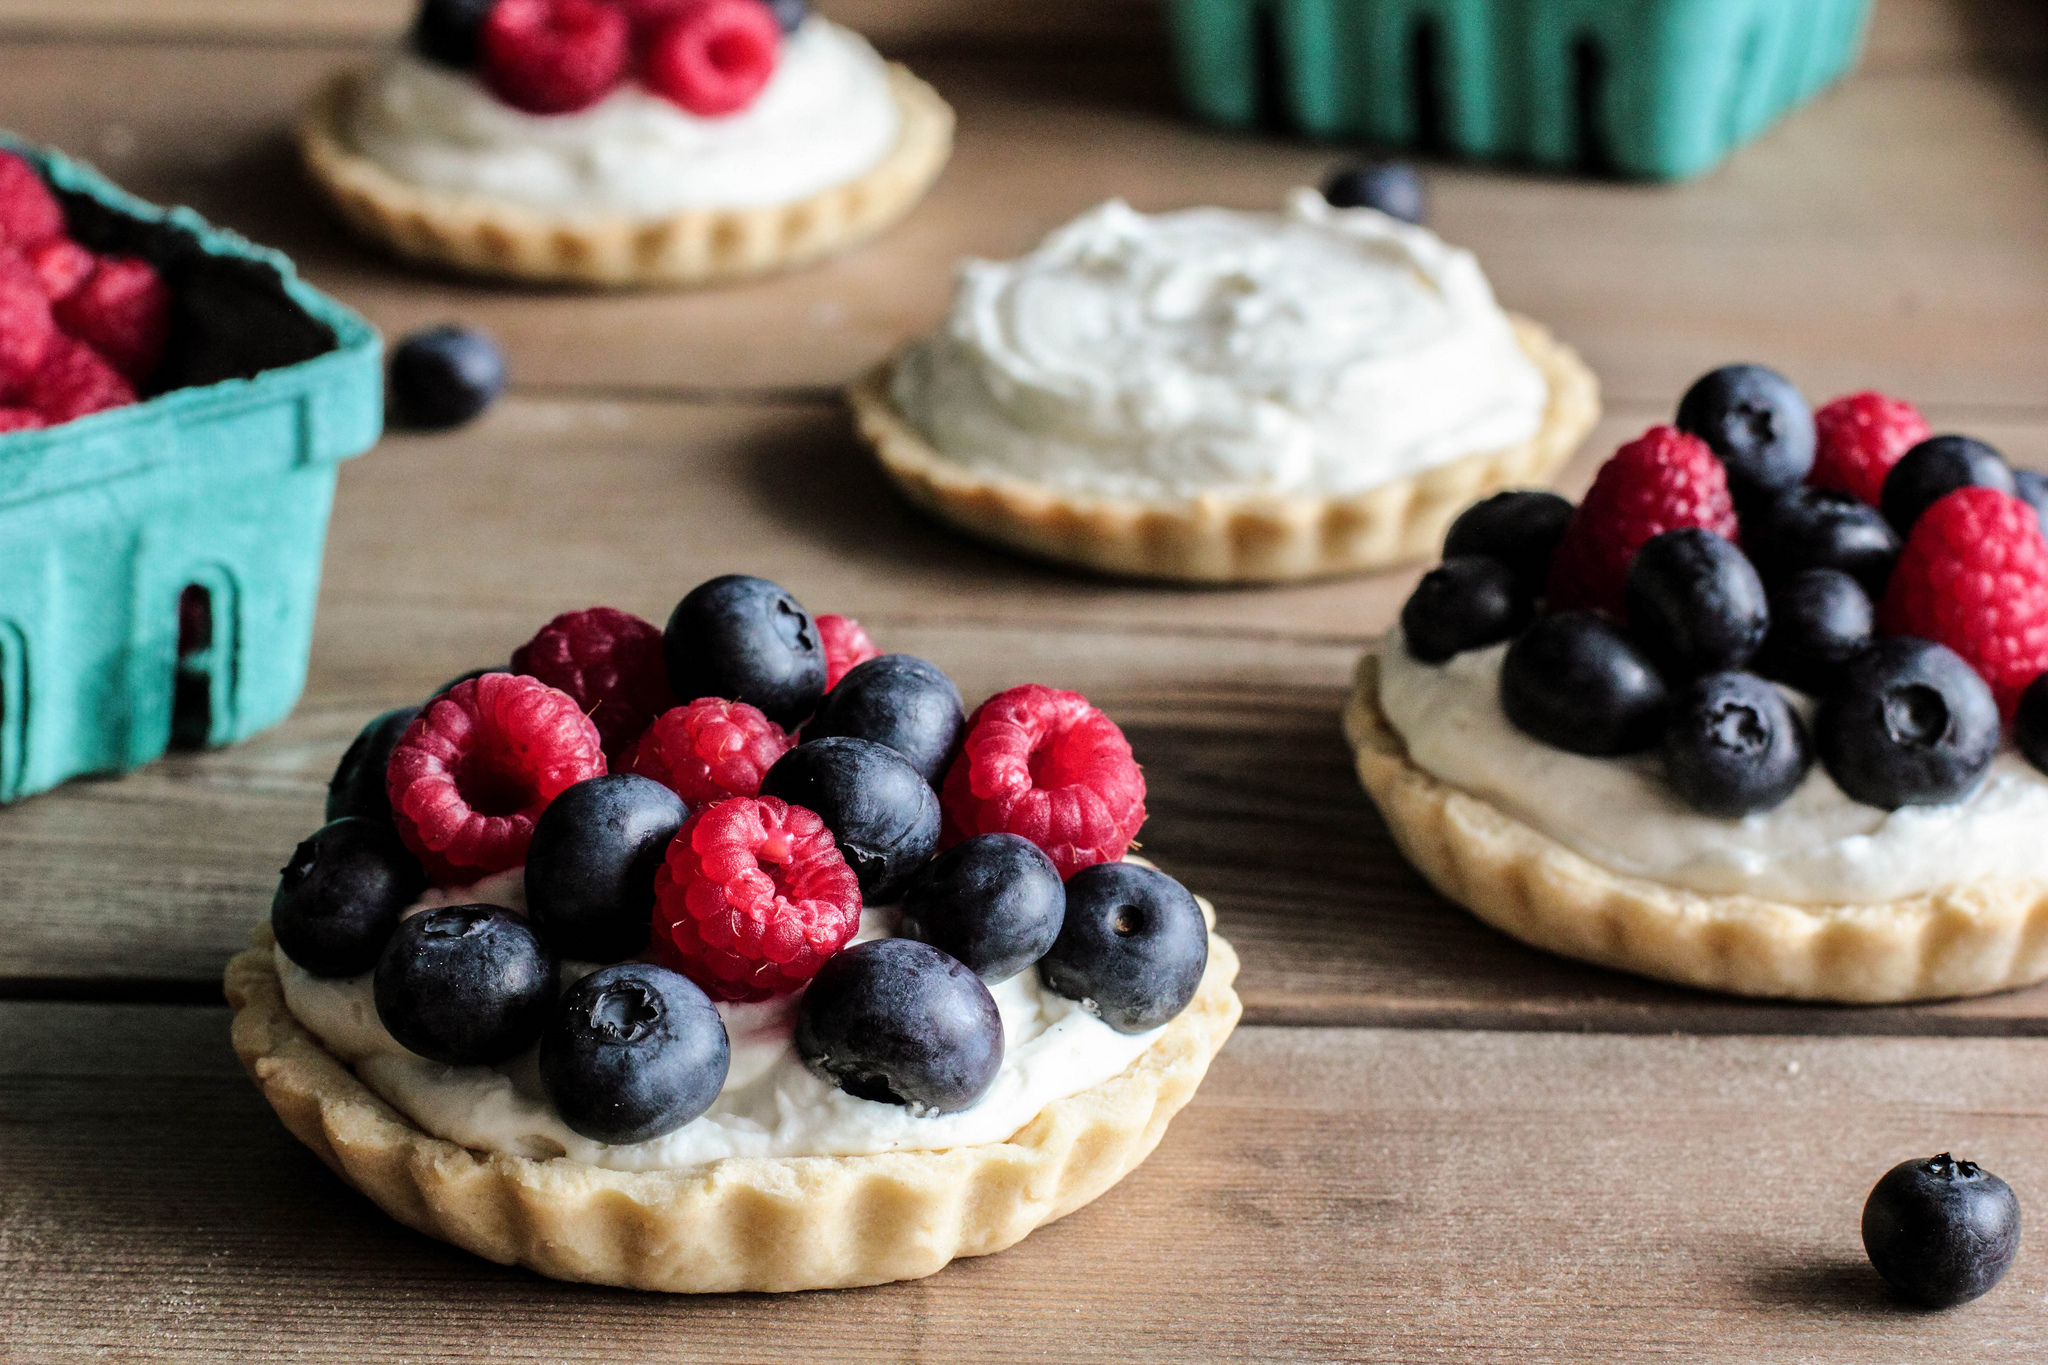 97860 Hintergrundbild herunterladen Lebensmittel, Himbeere, Blaubeeren, Berries, Kuchen - Bildschirmschoner und Bilder kostenlos